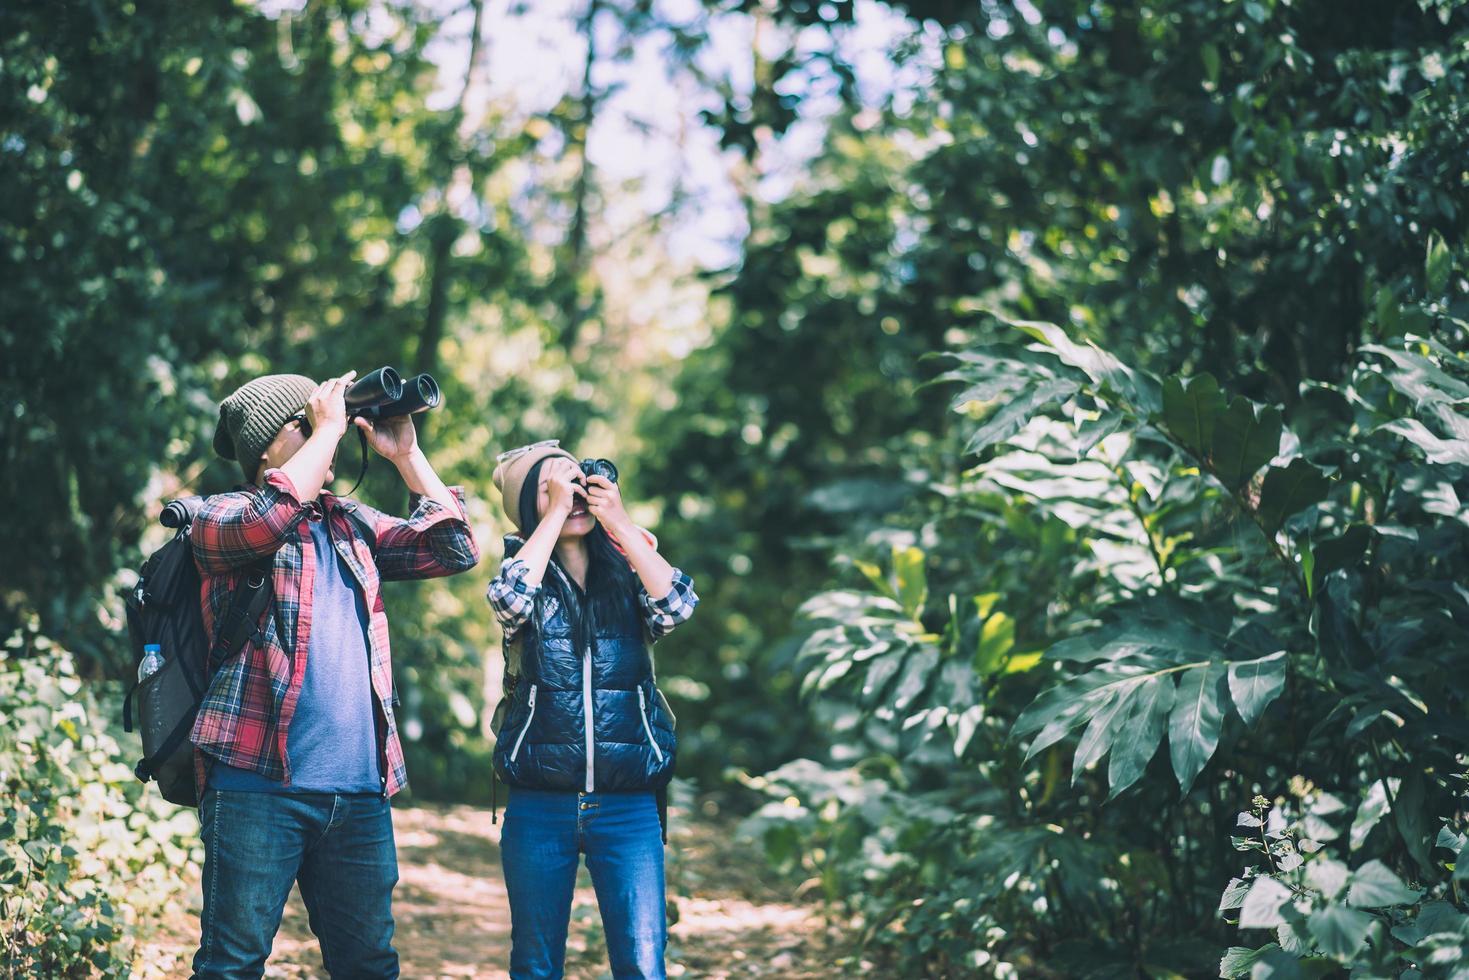 jeunes randonneurs avec des jumelles dans la forêt photo